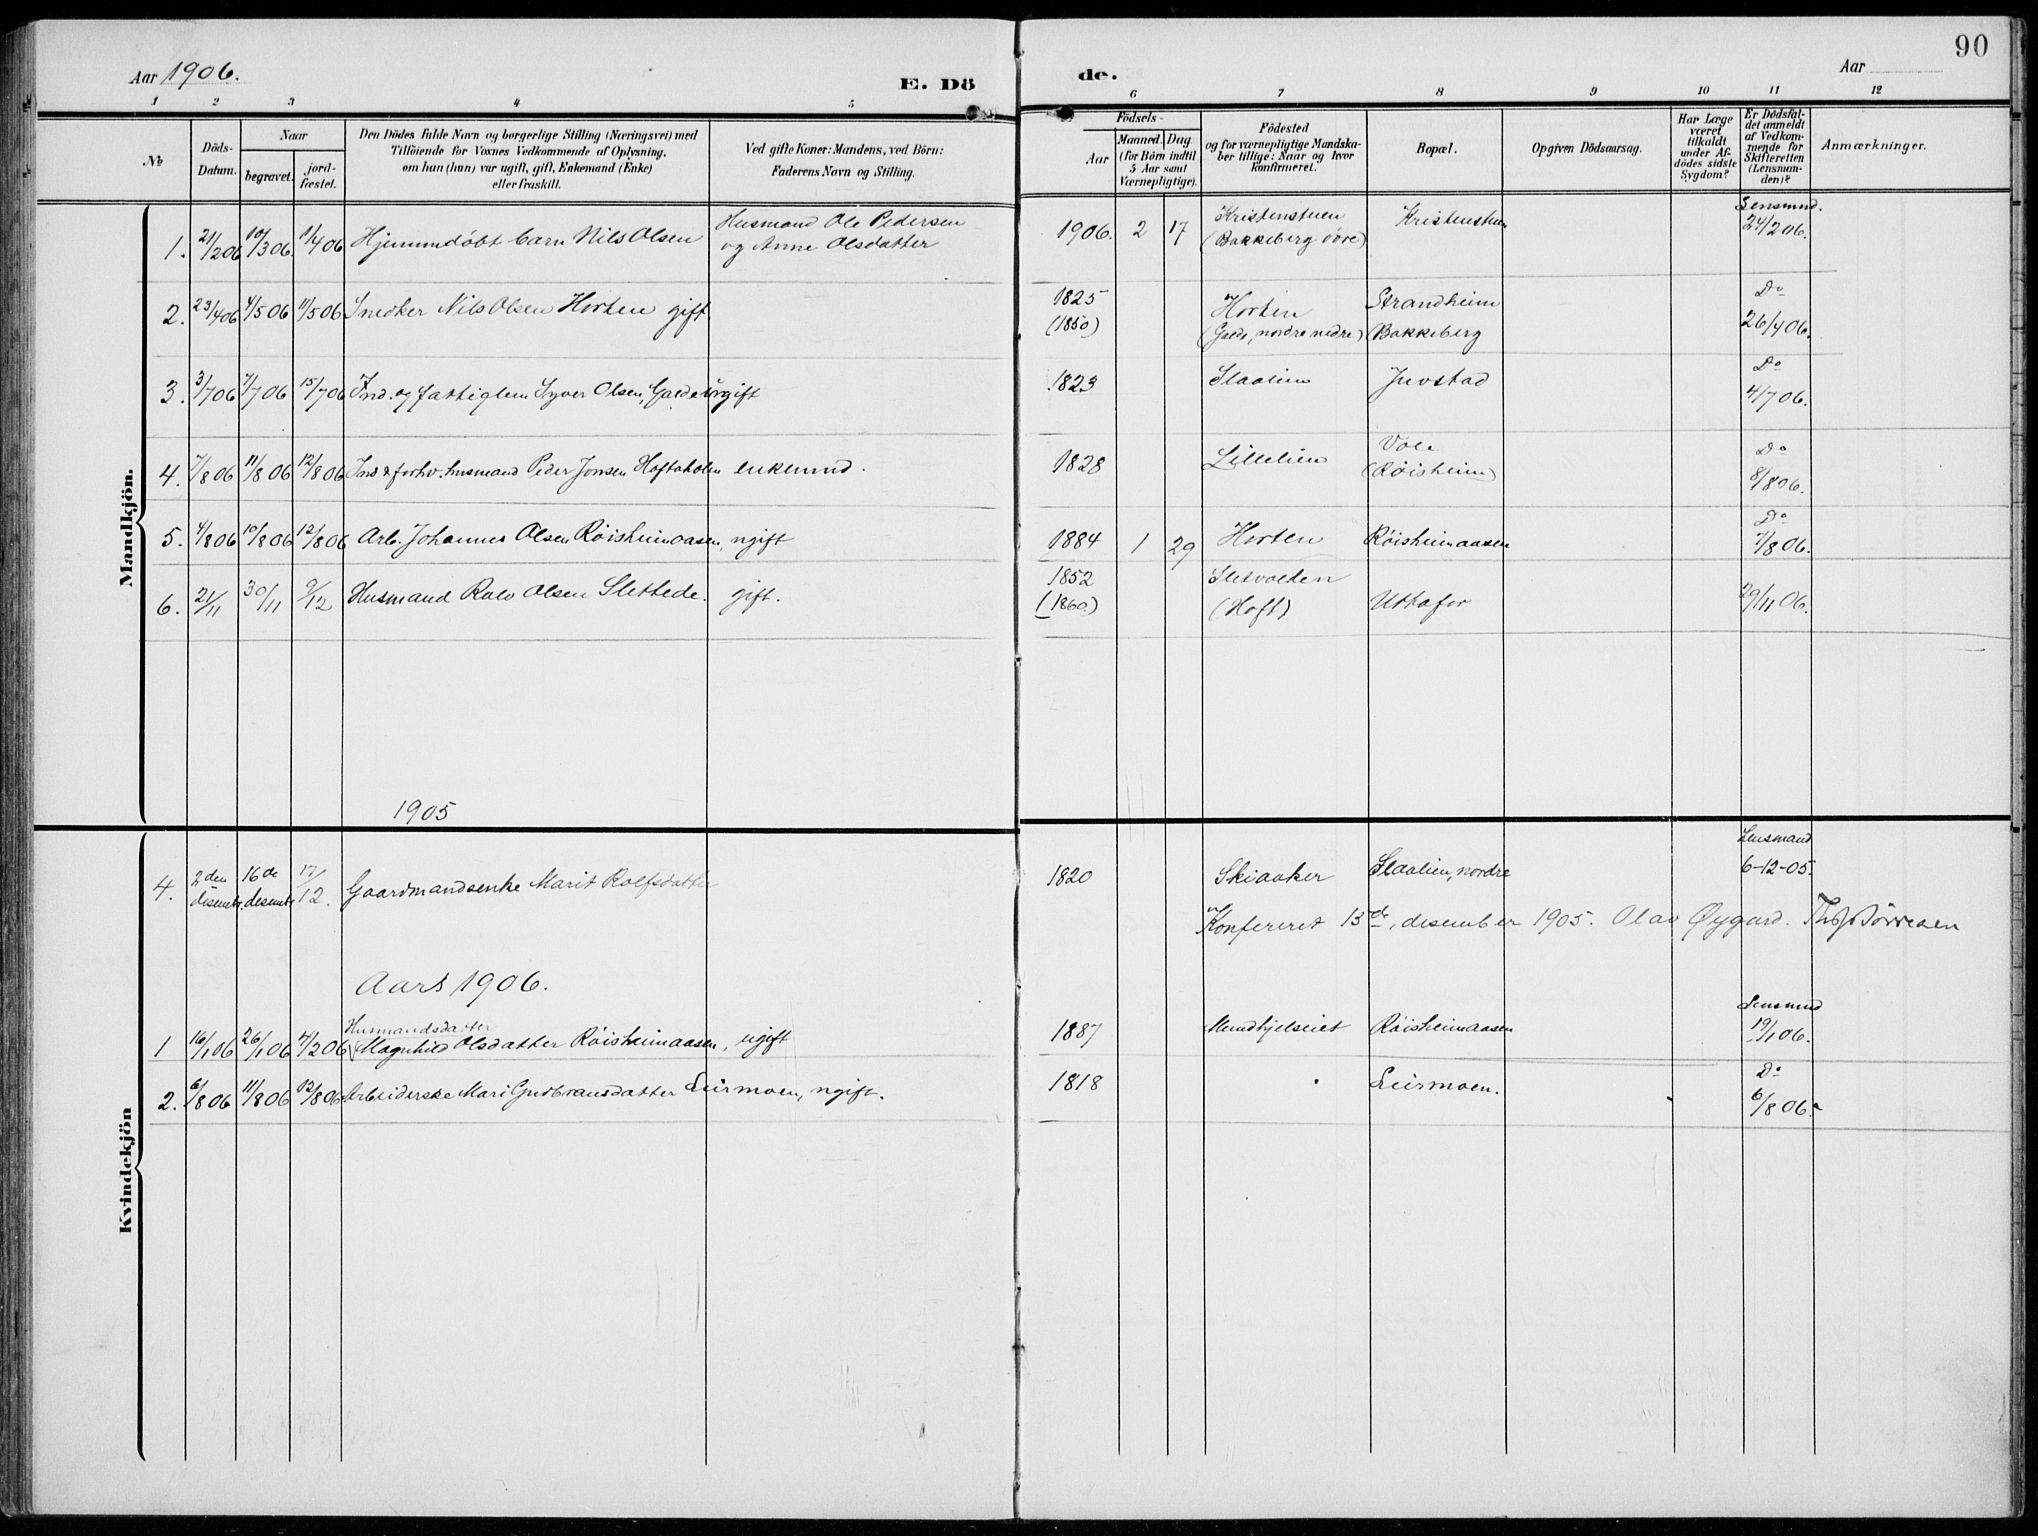 SAH, Lom prestekontor, L/L0007: Klokkerbok nr. 7, 1904-1938, s. 90